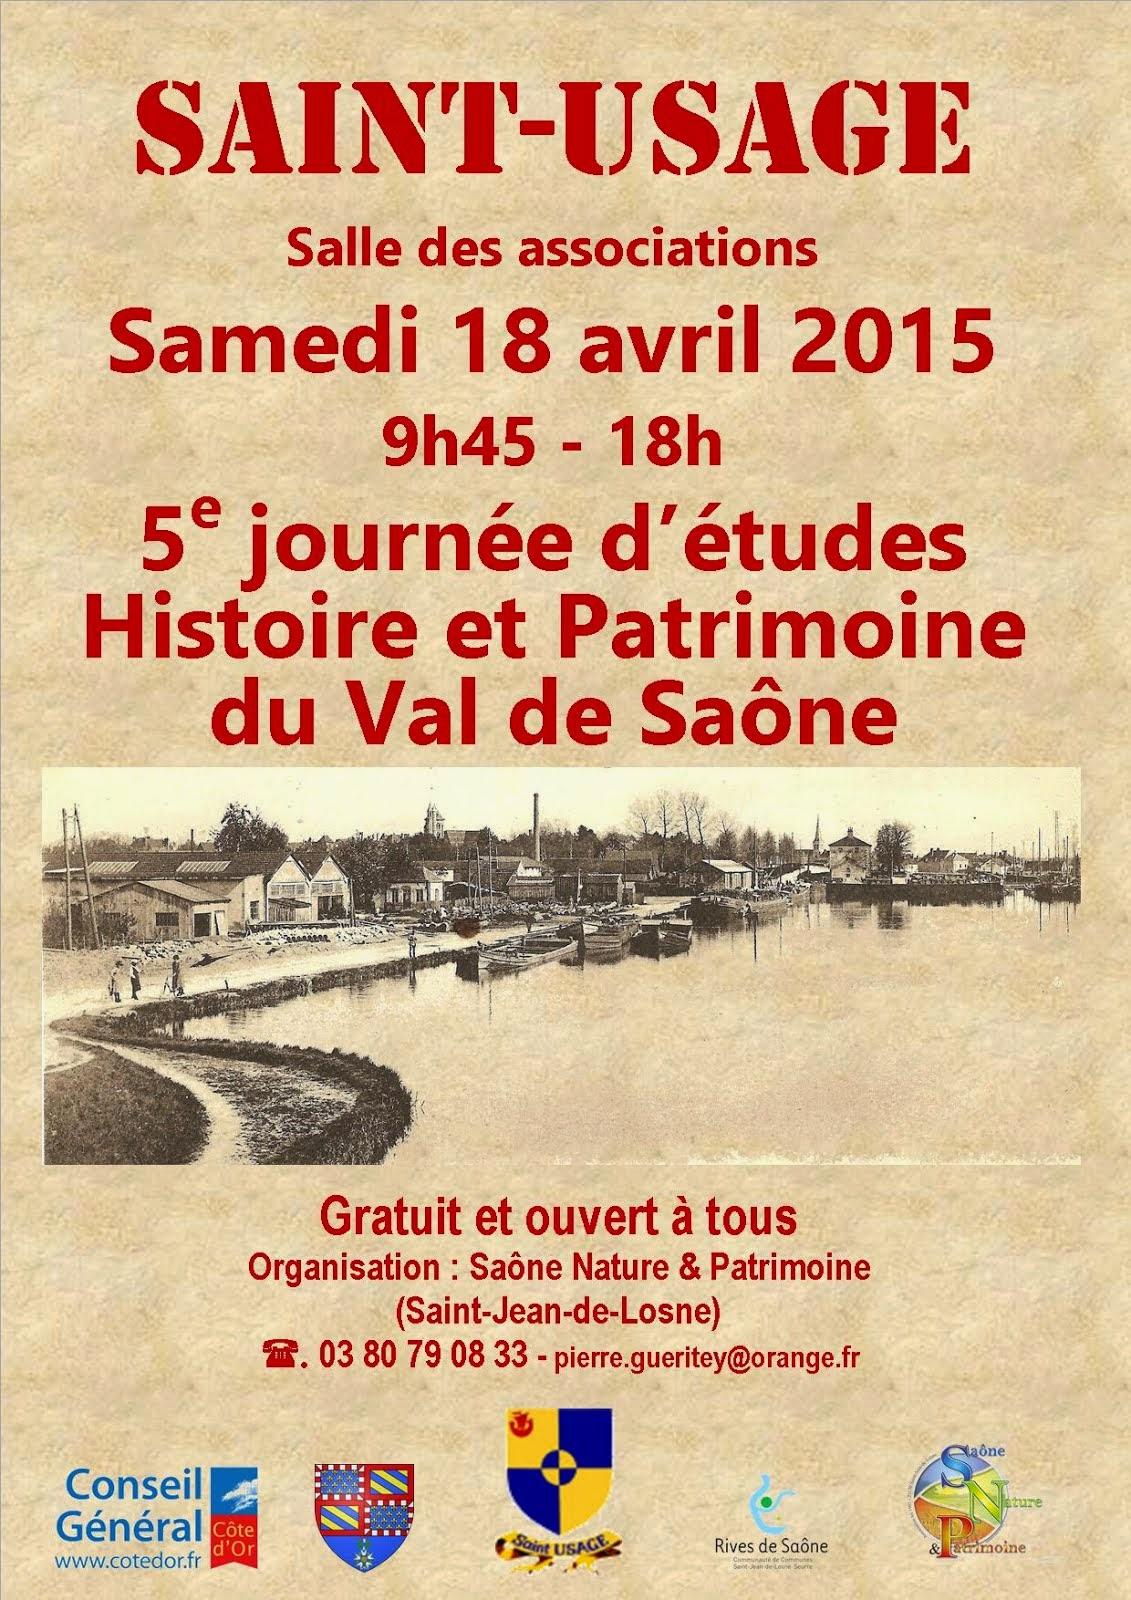 Bulletin d'inscription à la 5e Journée d'e Rencontres Histoire et Patrimoine du Val de Saône